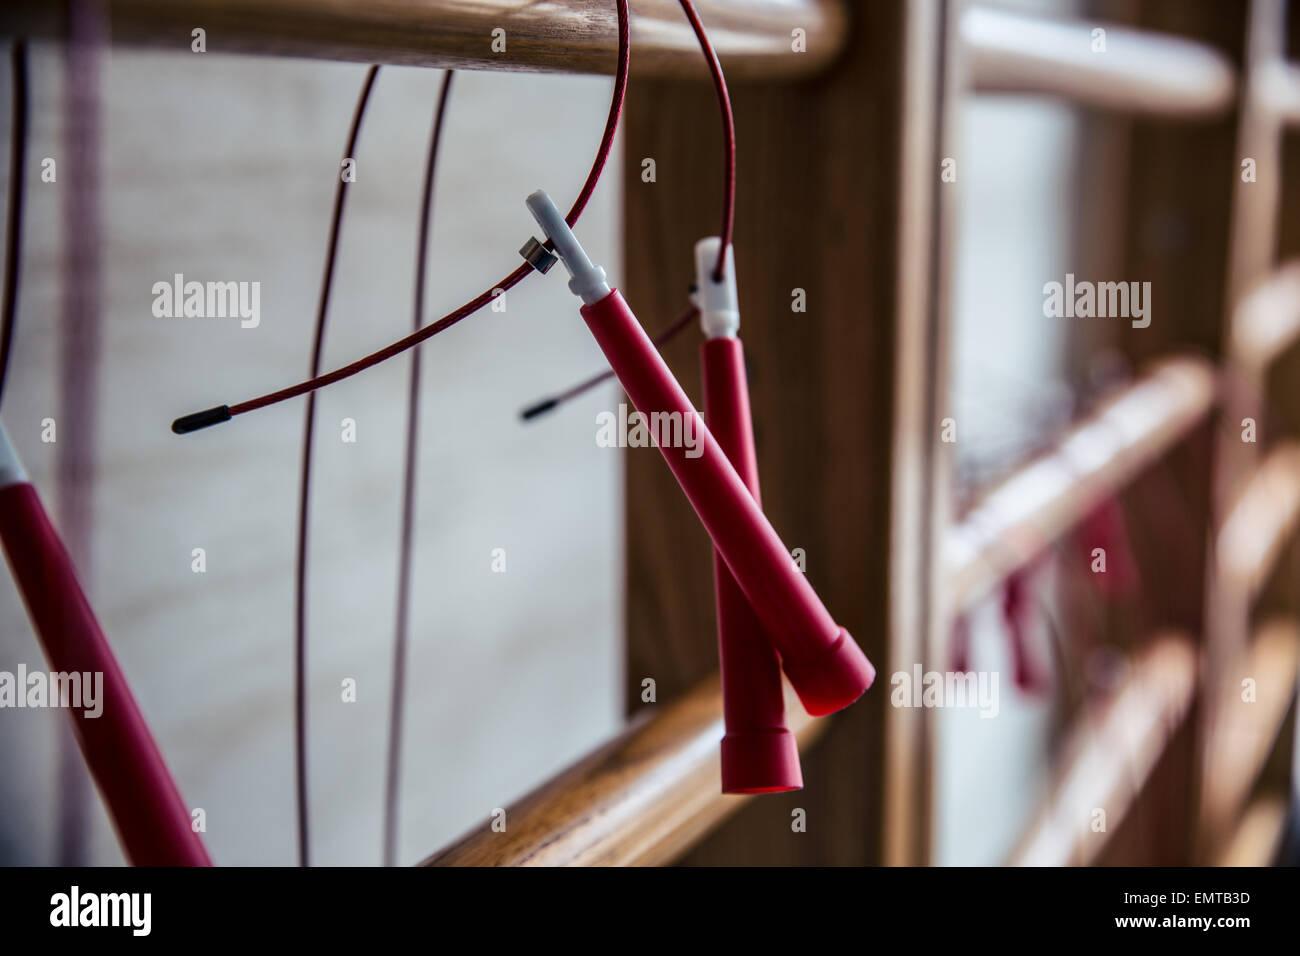 Nahaufnahme Bild von Seilspringen auf Sprossenwand Stockbild